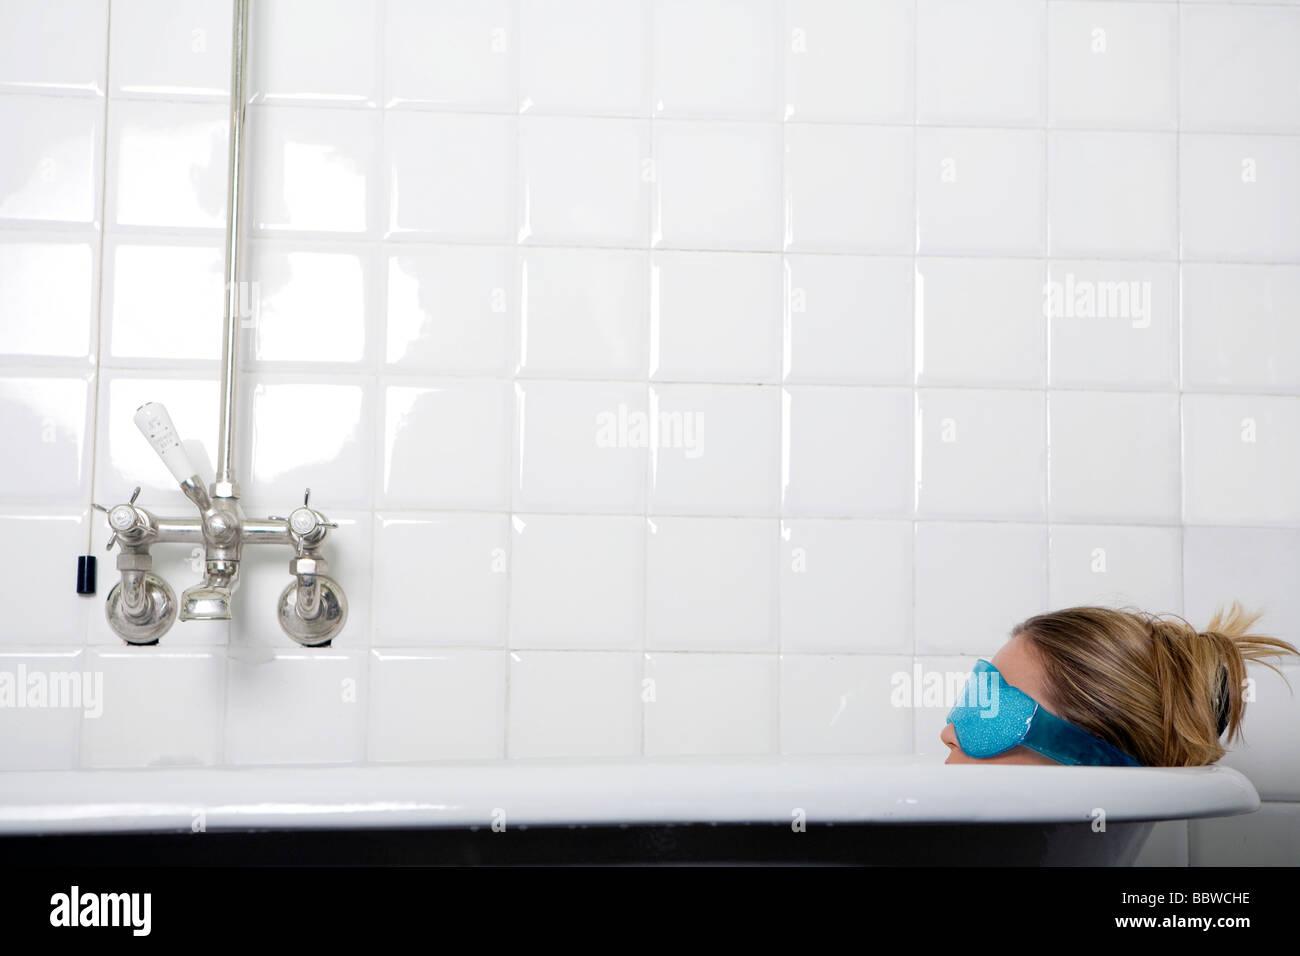 junge Frau in der Badewanne tragen eine Augenmaske Stockbild